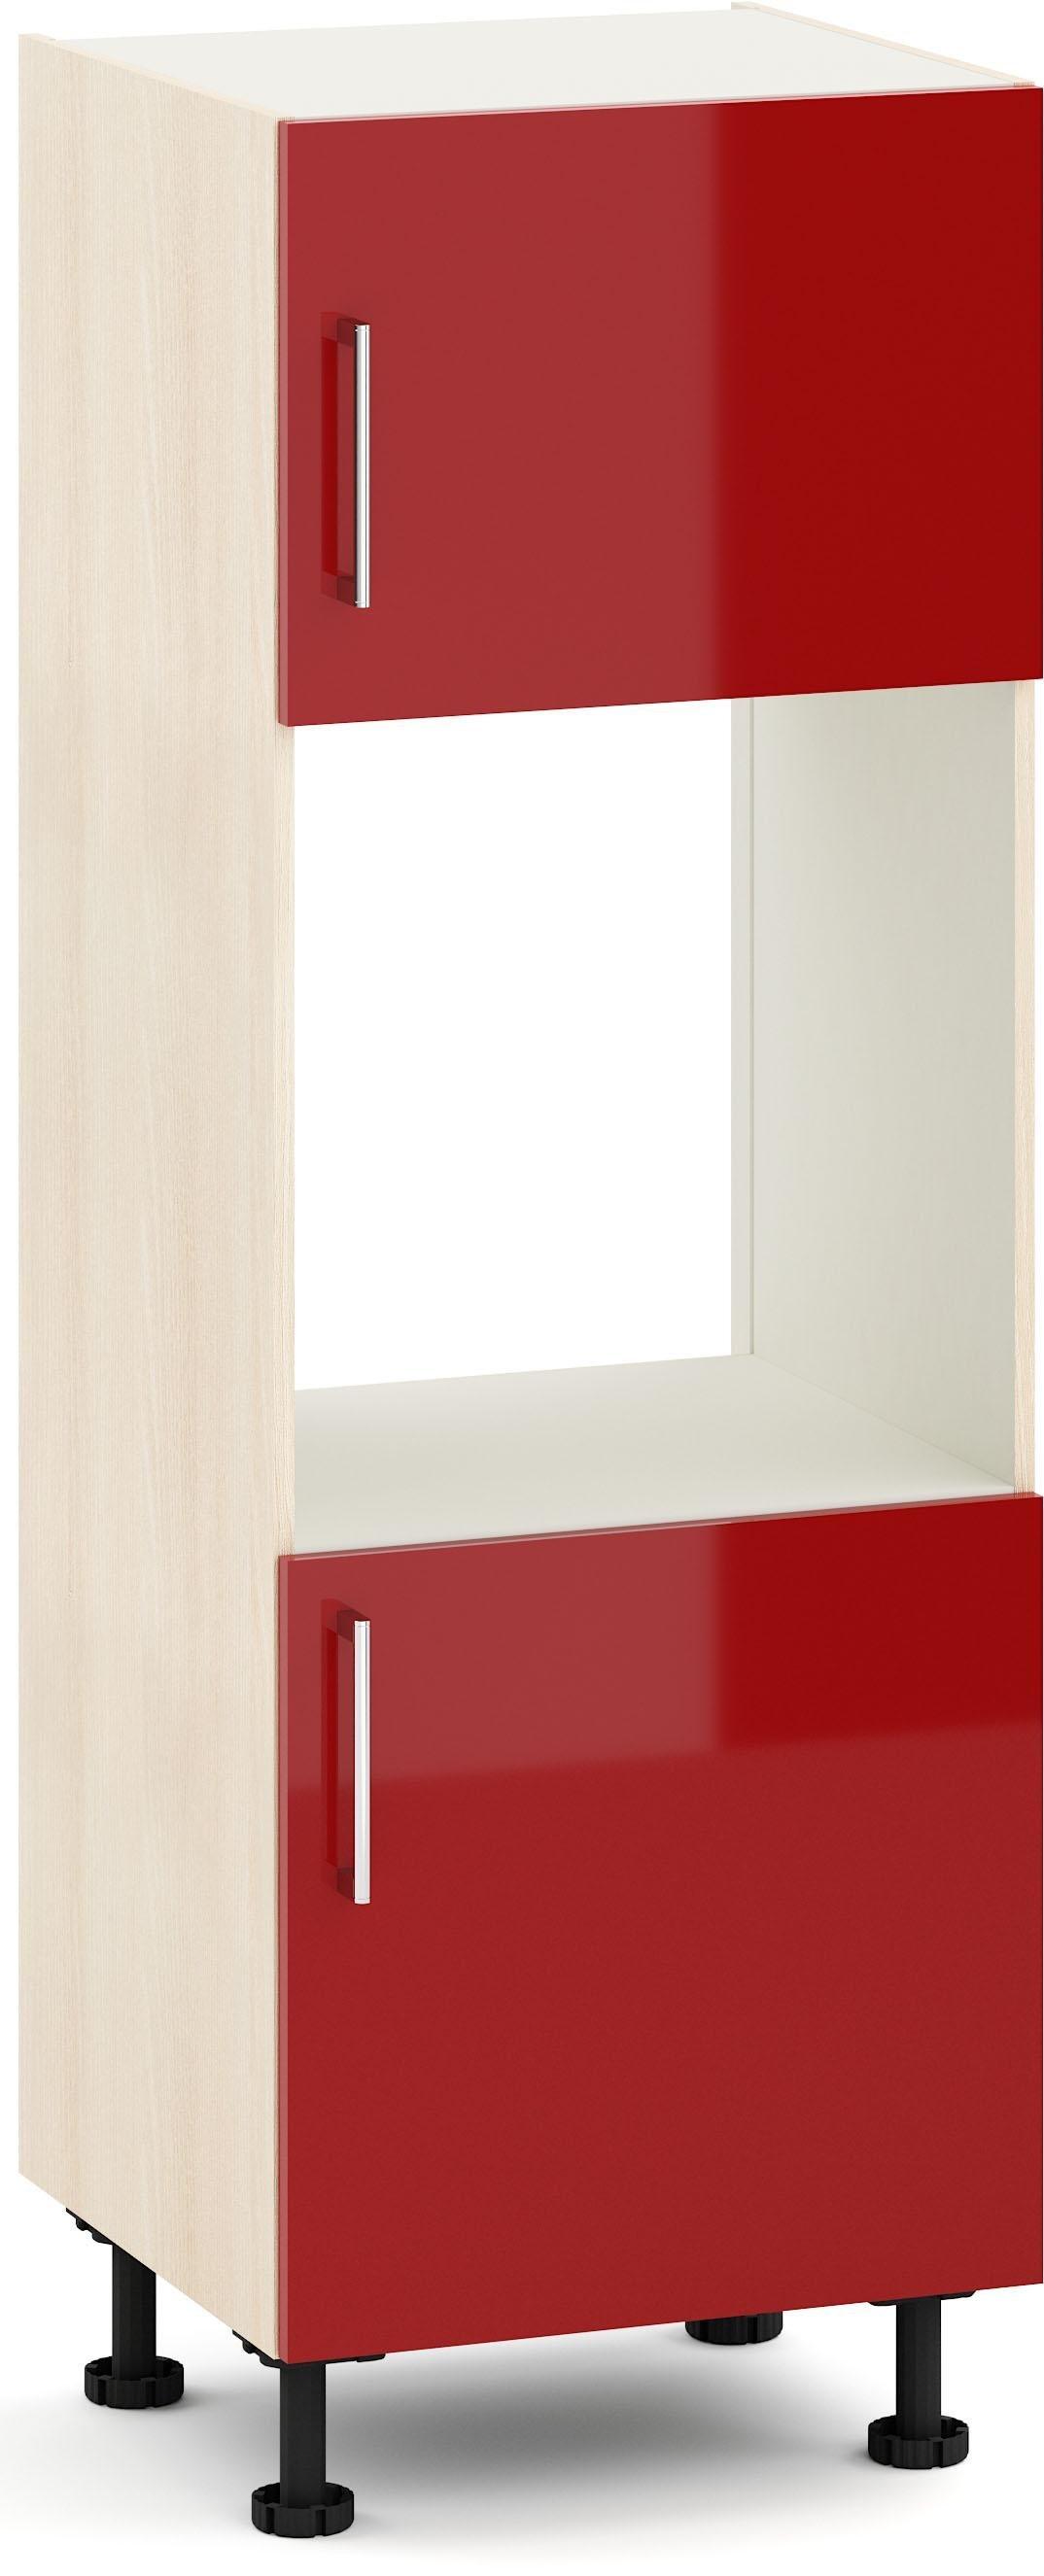 set one by Musterring Backofenumbauschrank »Navaro« | Küche und Esszimmer > Küchenschränke > Umbauschränke | Weiß - White - Matt - Glanz | Nussbaum - Lack - Akazie - Holzwerkstoff - Mdf - Melamin | set one by Musterring